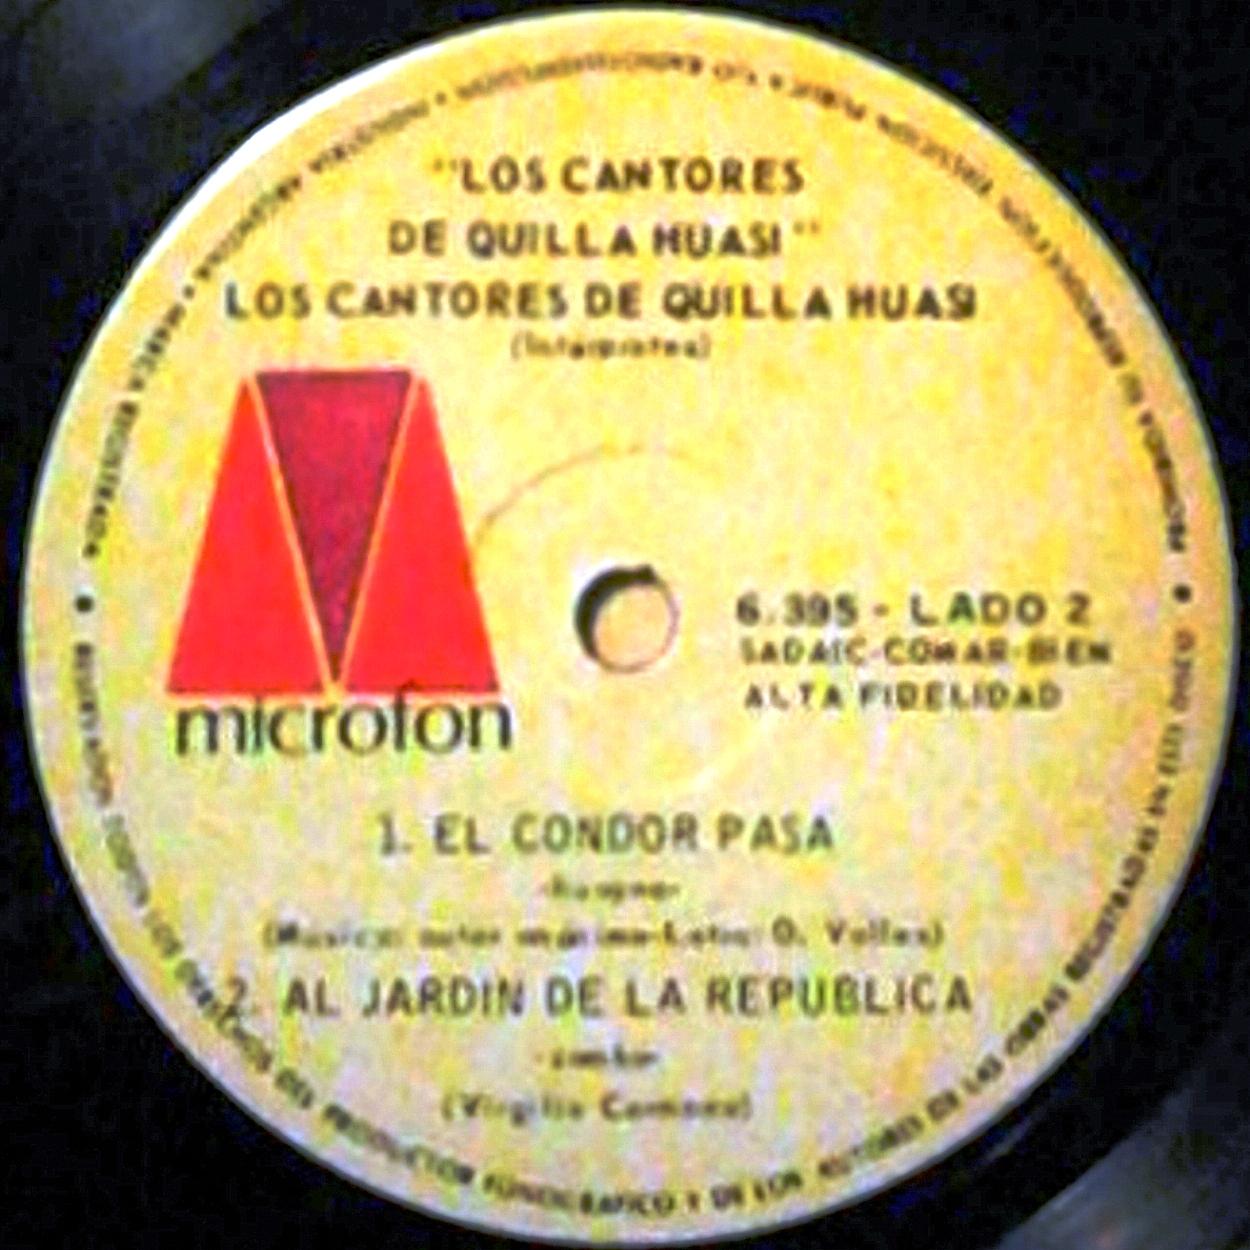 Folklore del noa los cantores de quilla huasi alfonsina for Al jardin de la republica lyrics